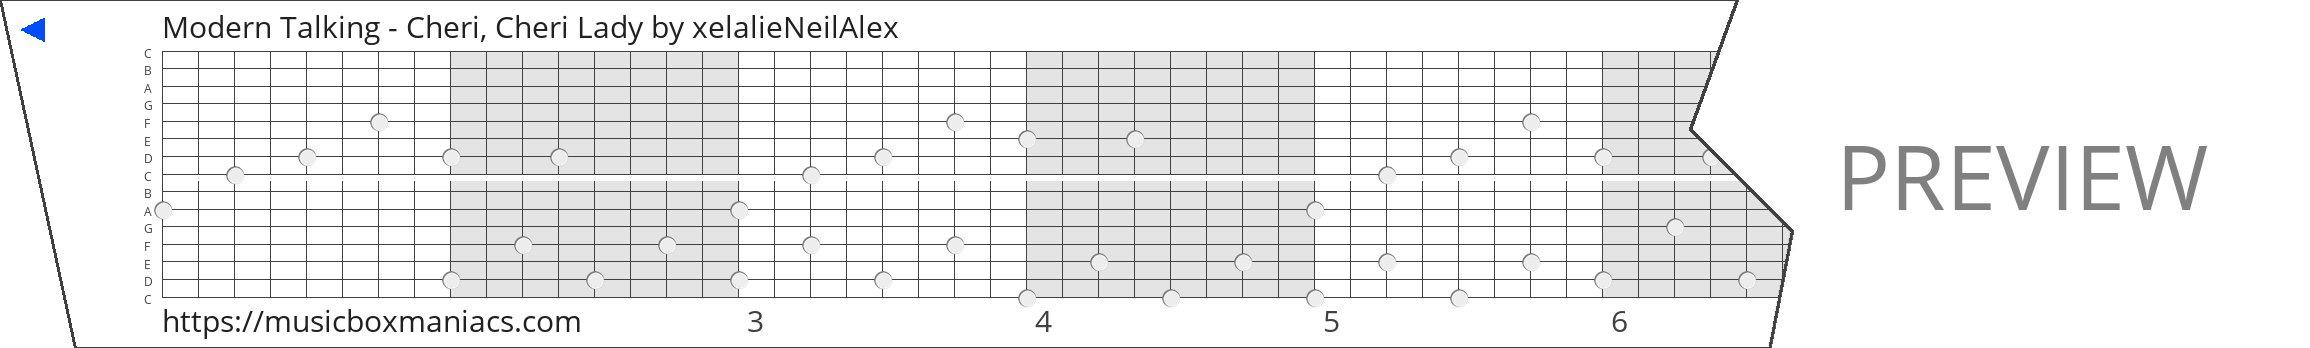 Modern Talking - Cheri, Cheri Lady 15 note music box paper strip